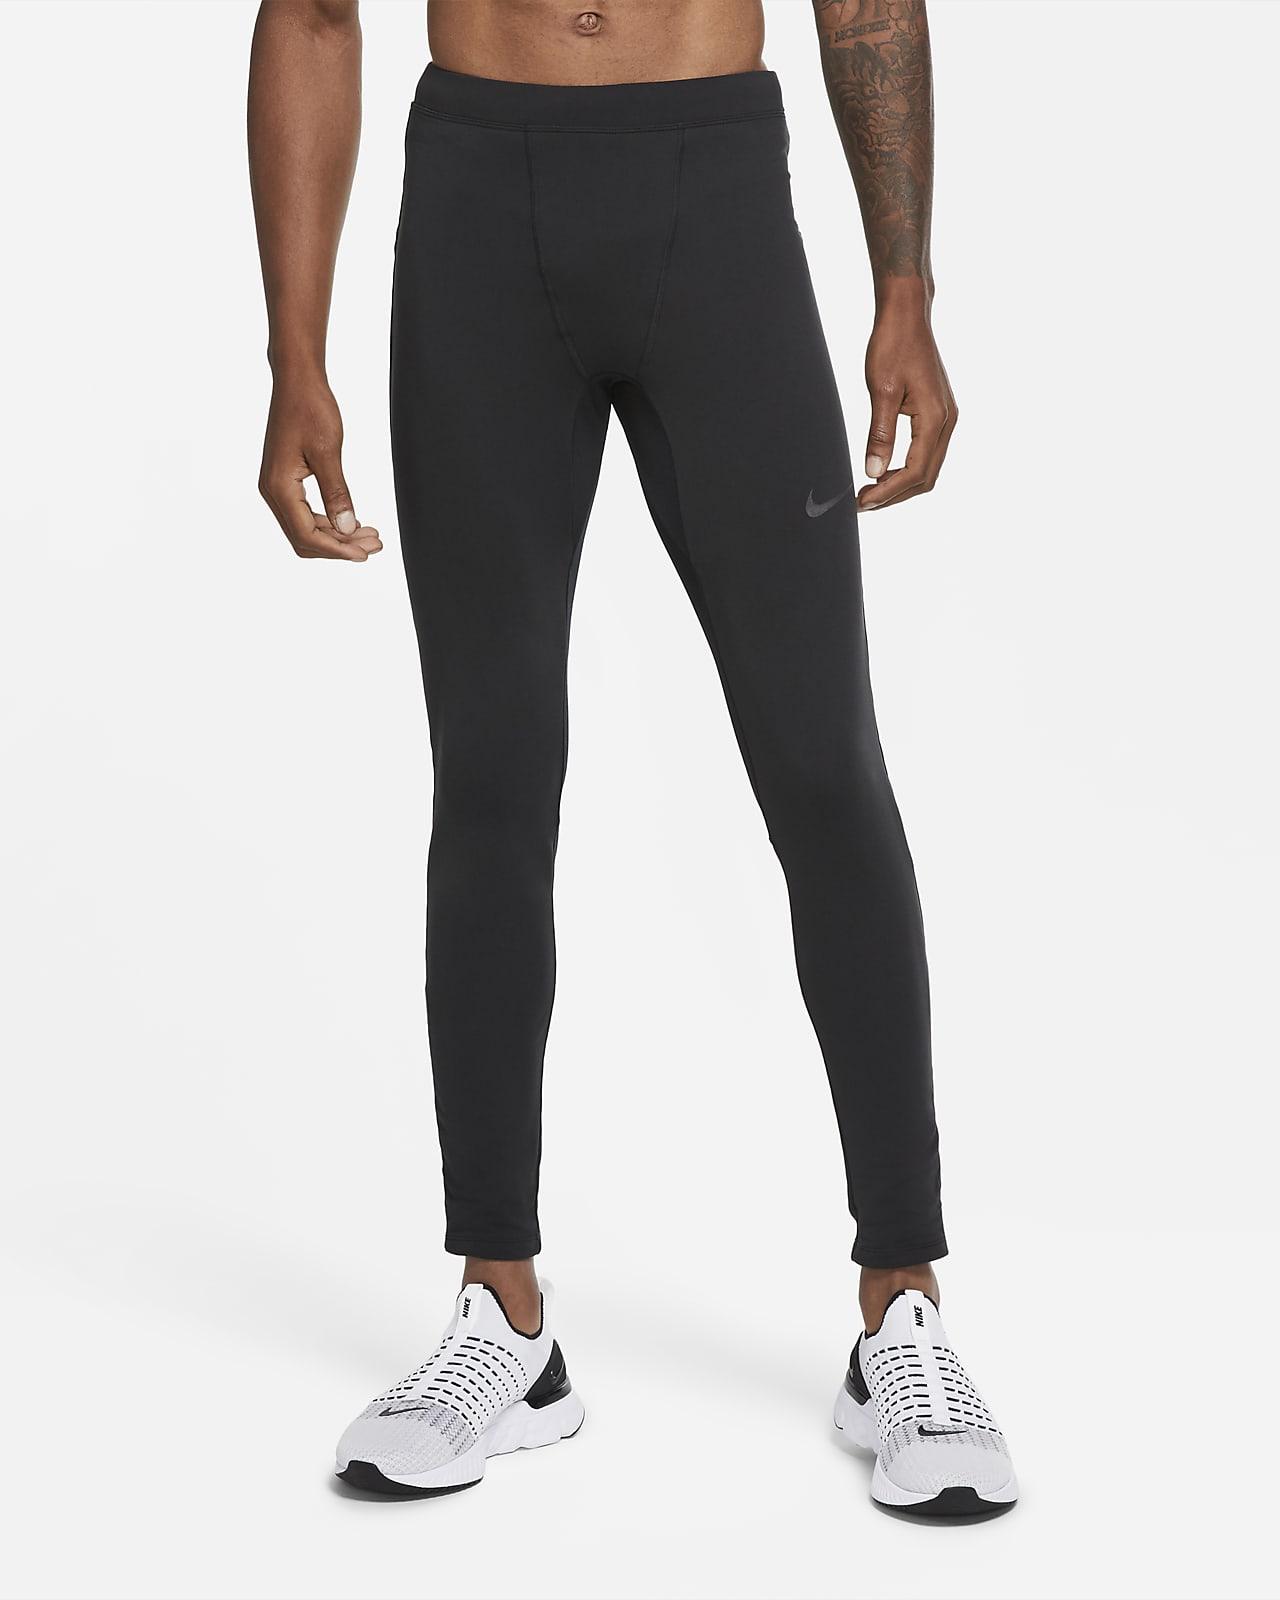 Nike Run Mallas de running térmicas - Hombre